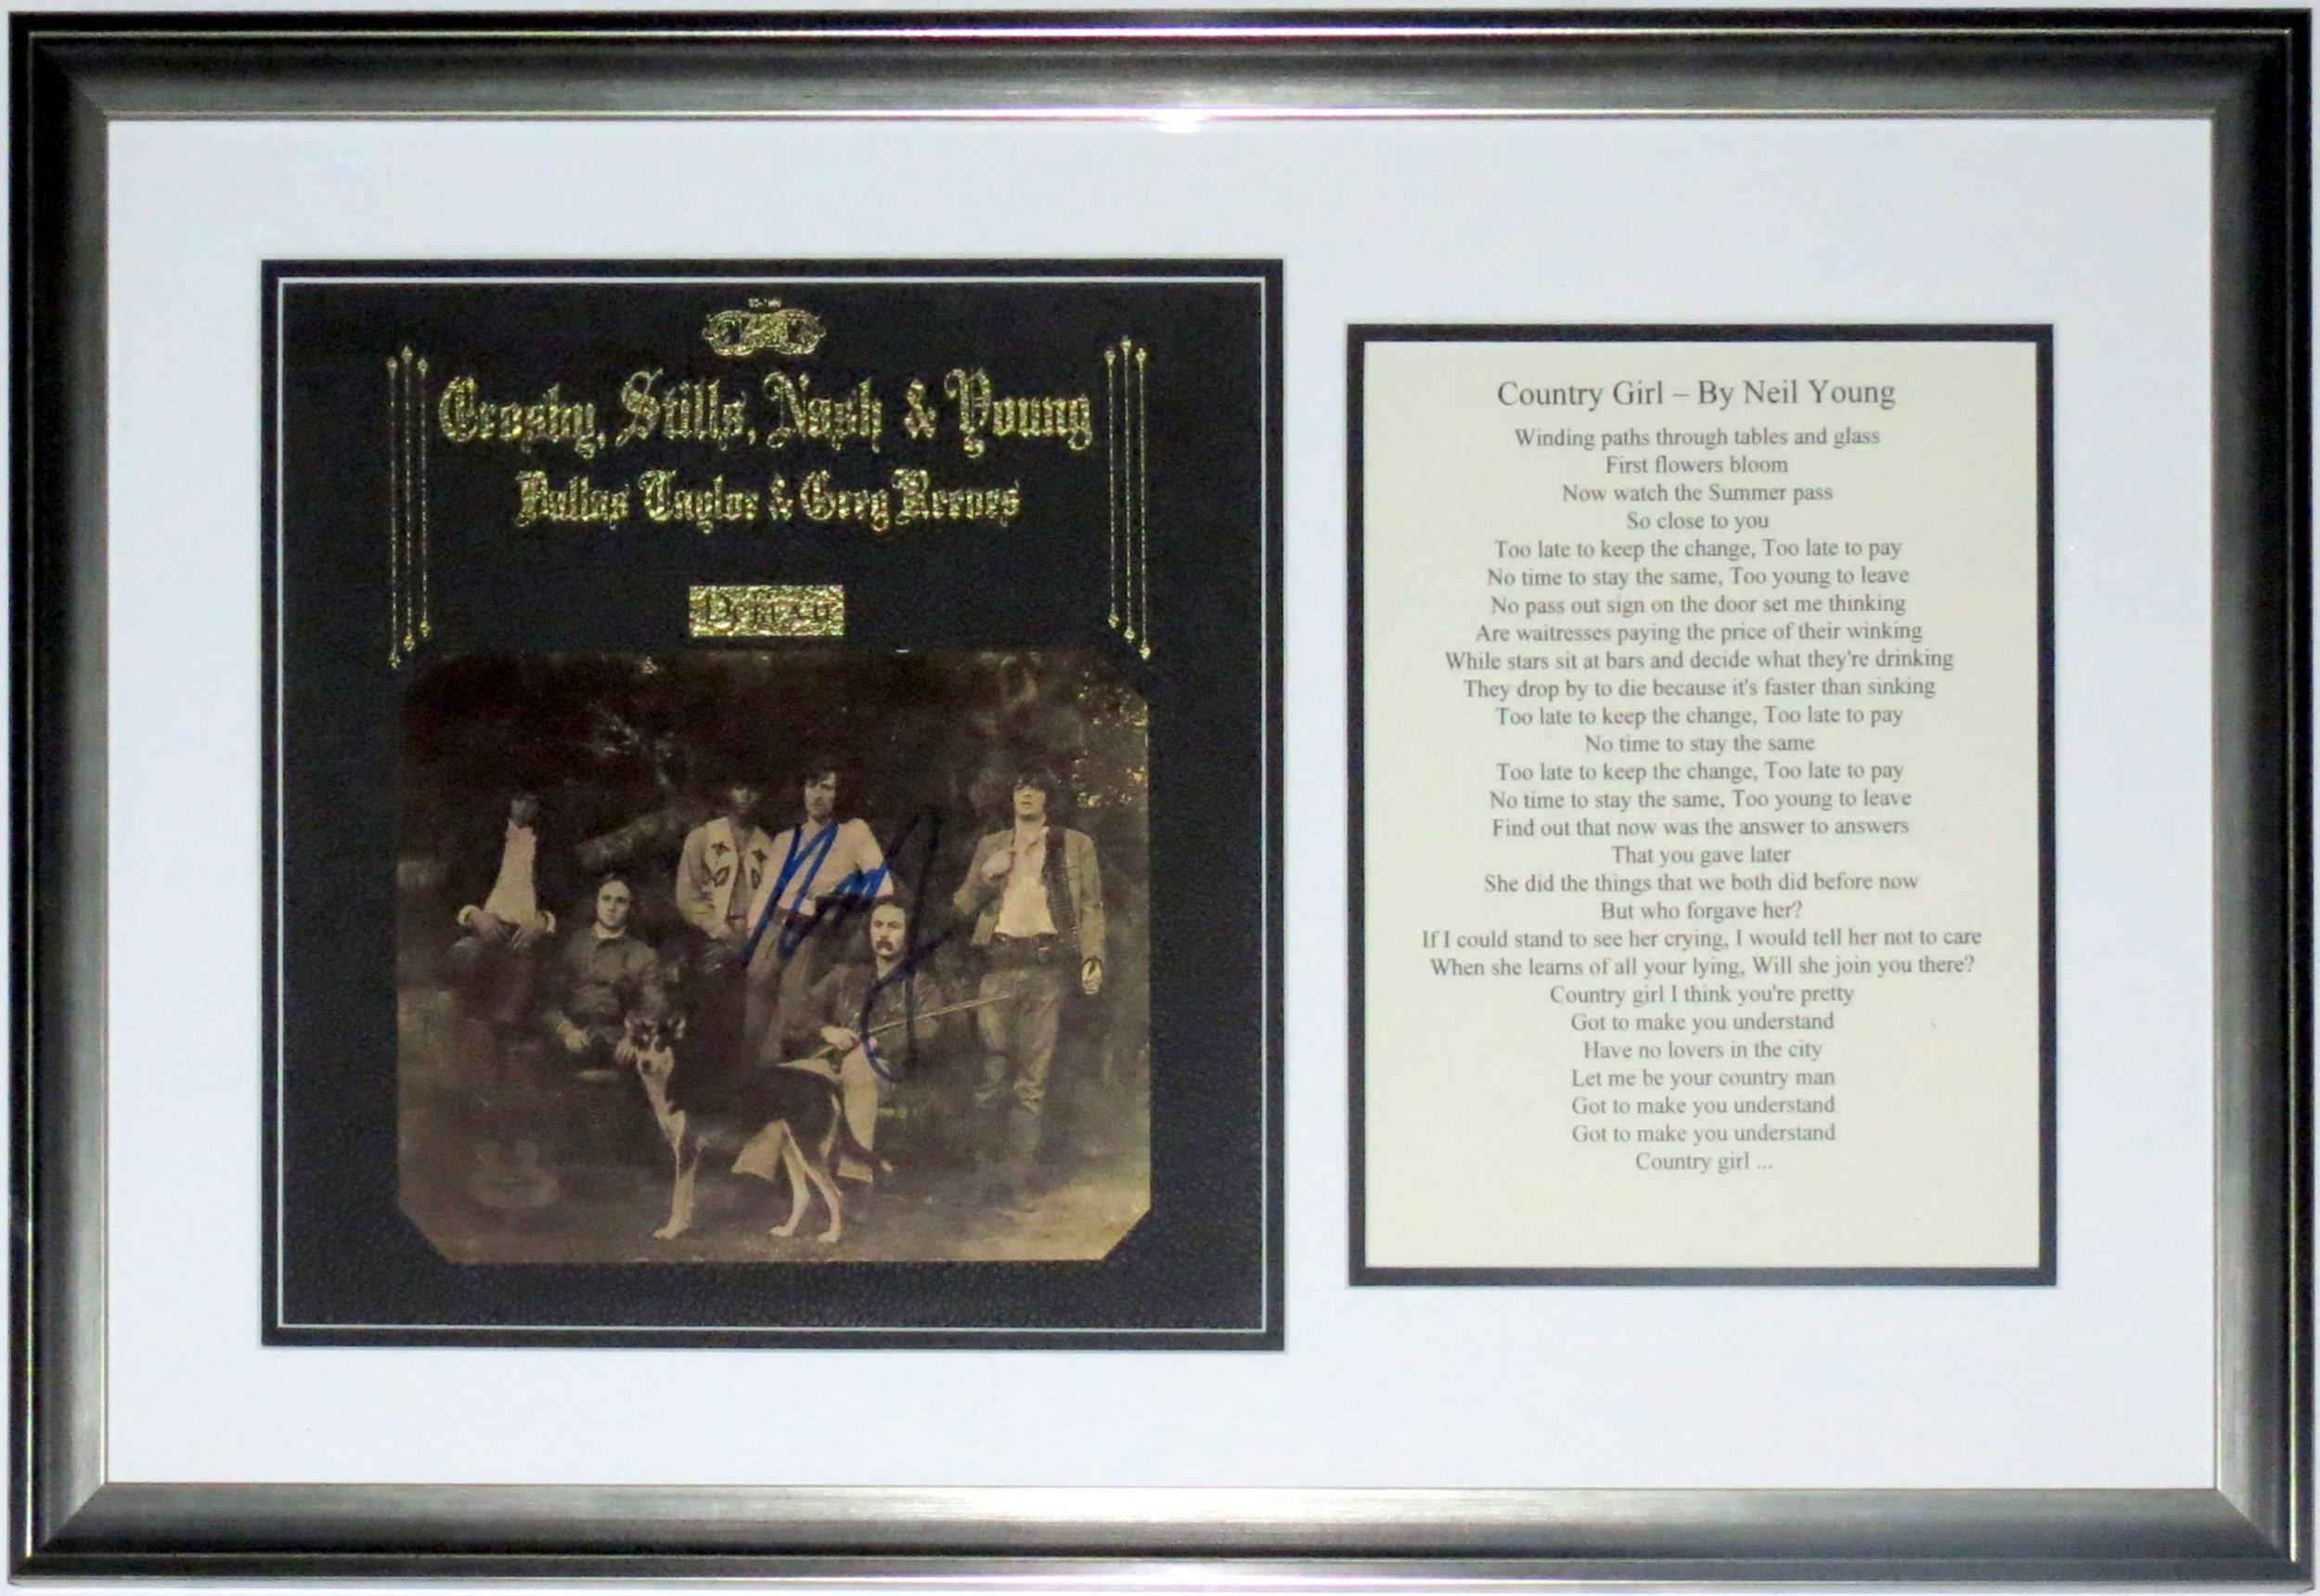 Neil Young Signed CSNY Deja Vu Album - BSI COA - Professionally Framed & Plate